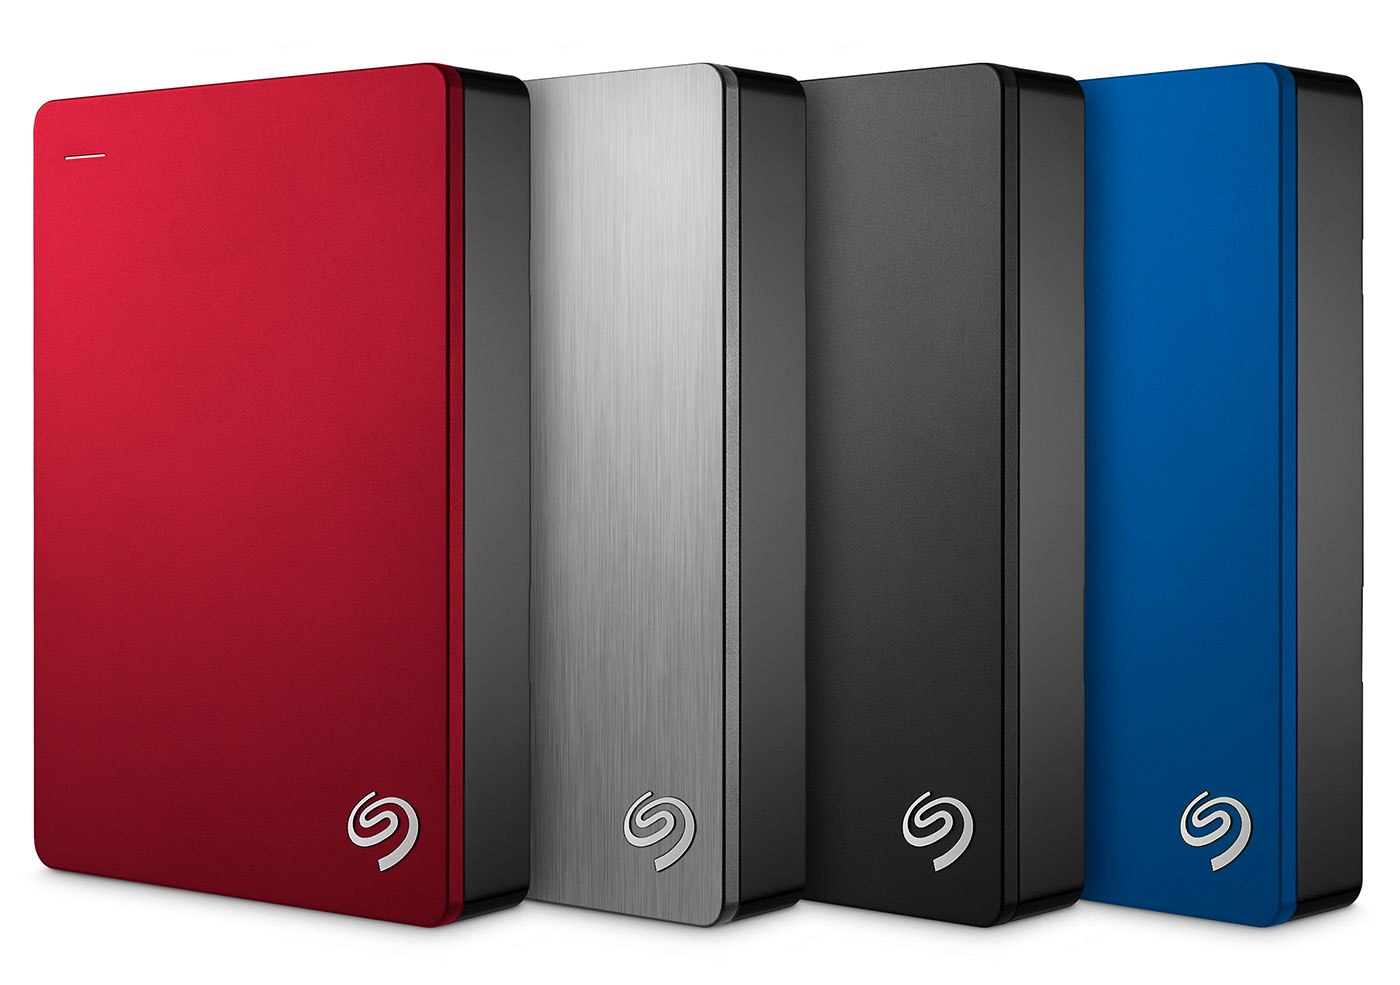 backup-plus-portable-5tb-family-hi-res